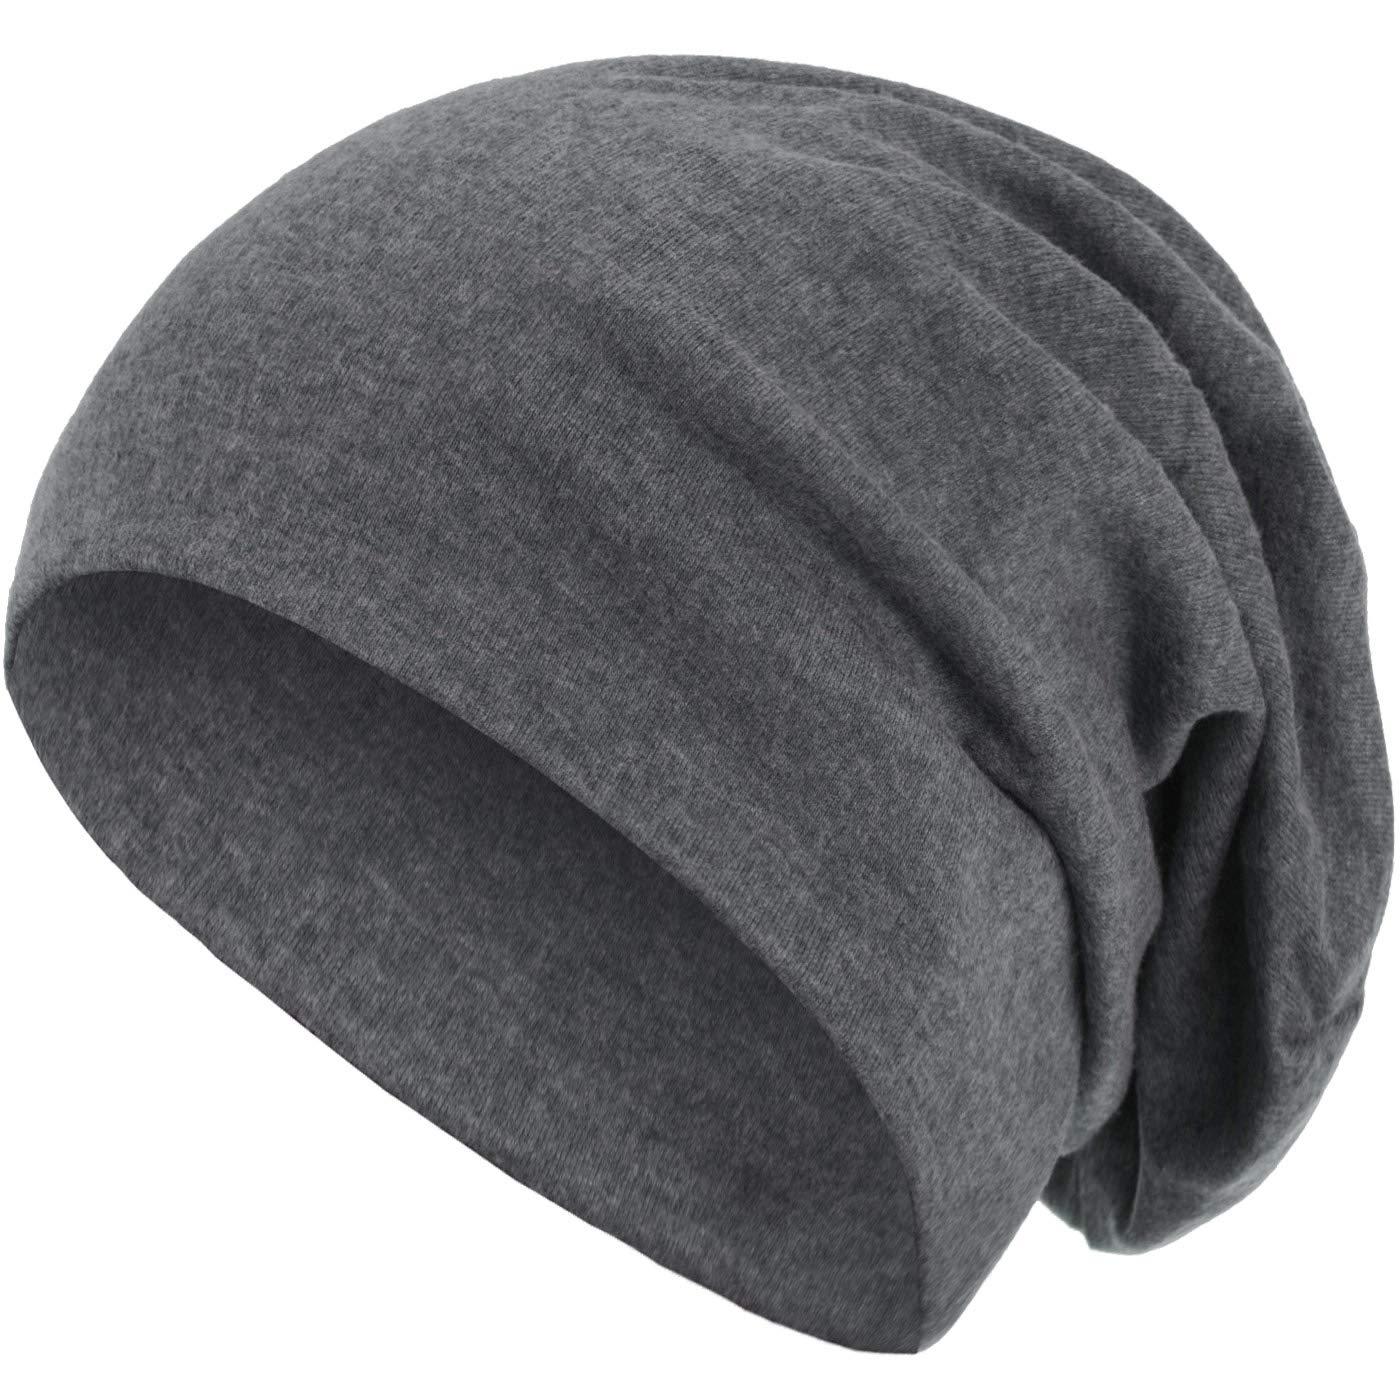 style3 Warme Herbst Winter Slouch Beanie XXL aus atmungsaktivem feinem und leichten Jersey Unisex M/ütze Winterm/ütze Einheitsgr/ö/ße